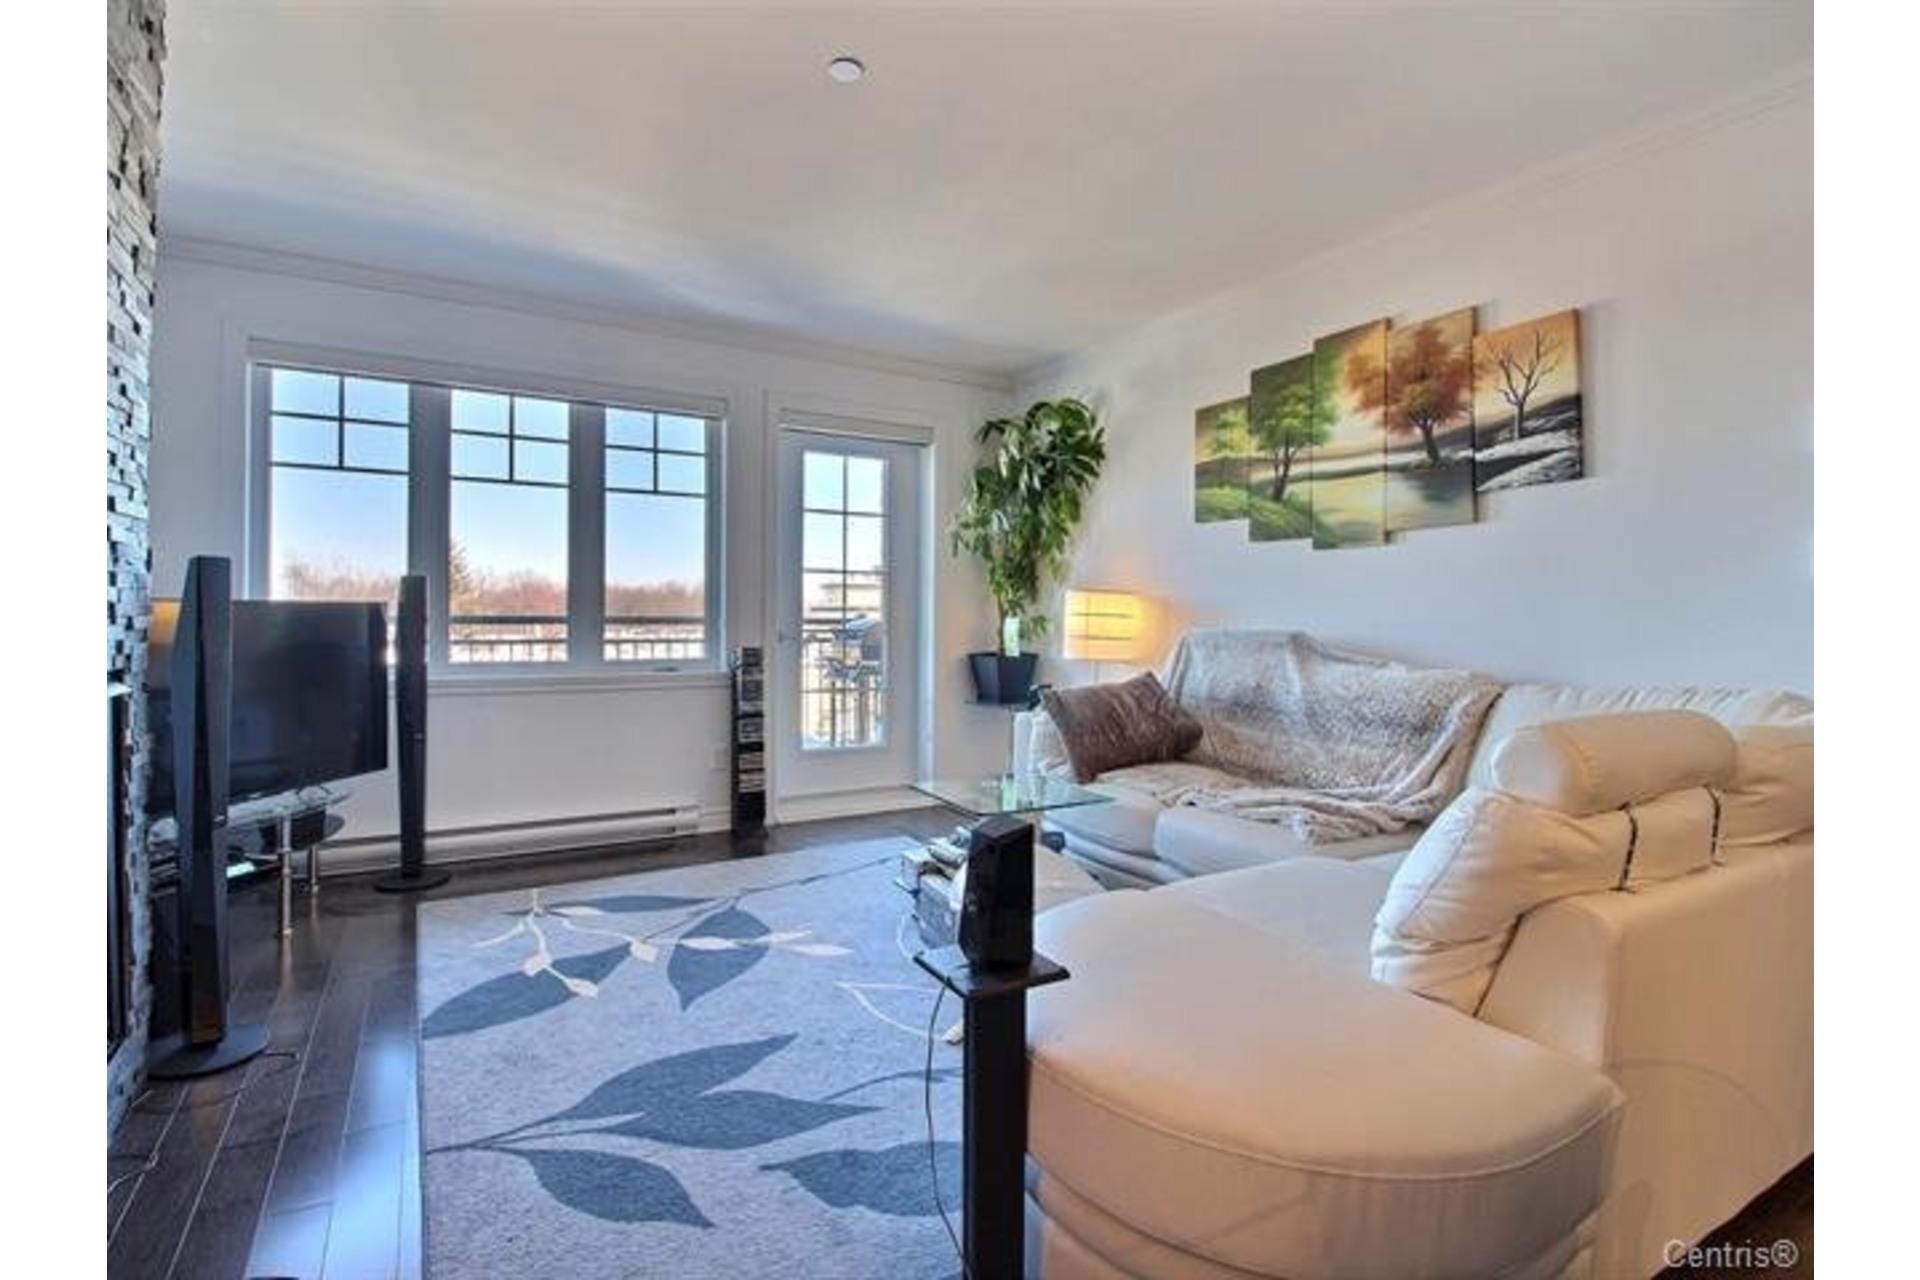 image 6 - Apartment For sale Montréal Pierrefonds-Roxboro  - 7 rooms